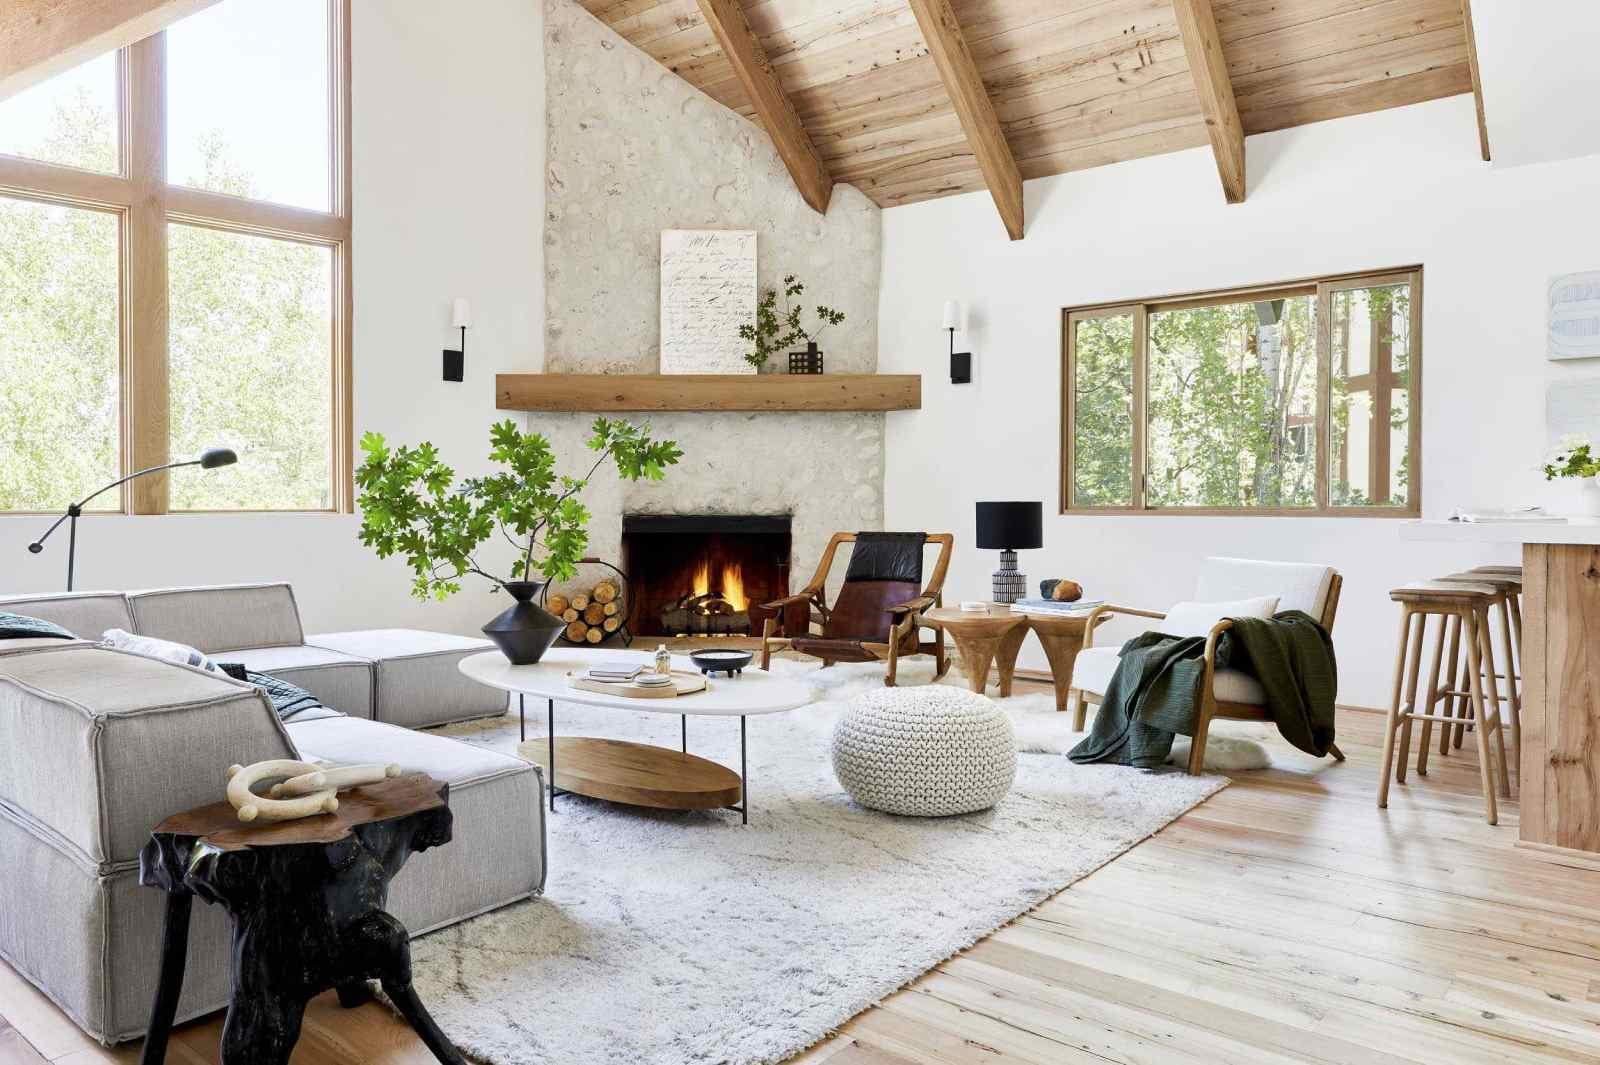 Gỗ xoan đào không độc nên được sử dụng làm nhiều đồ nội thất gia đình